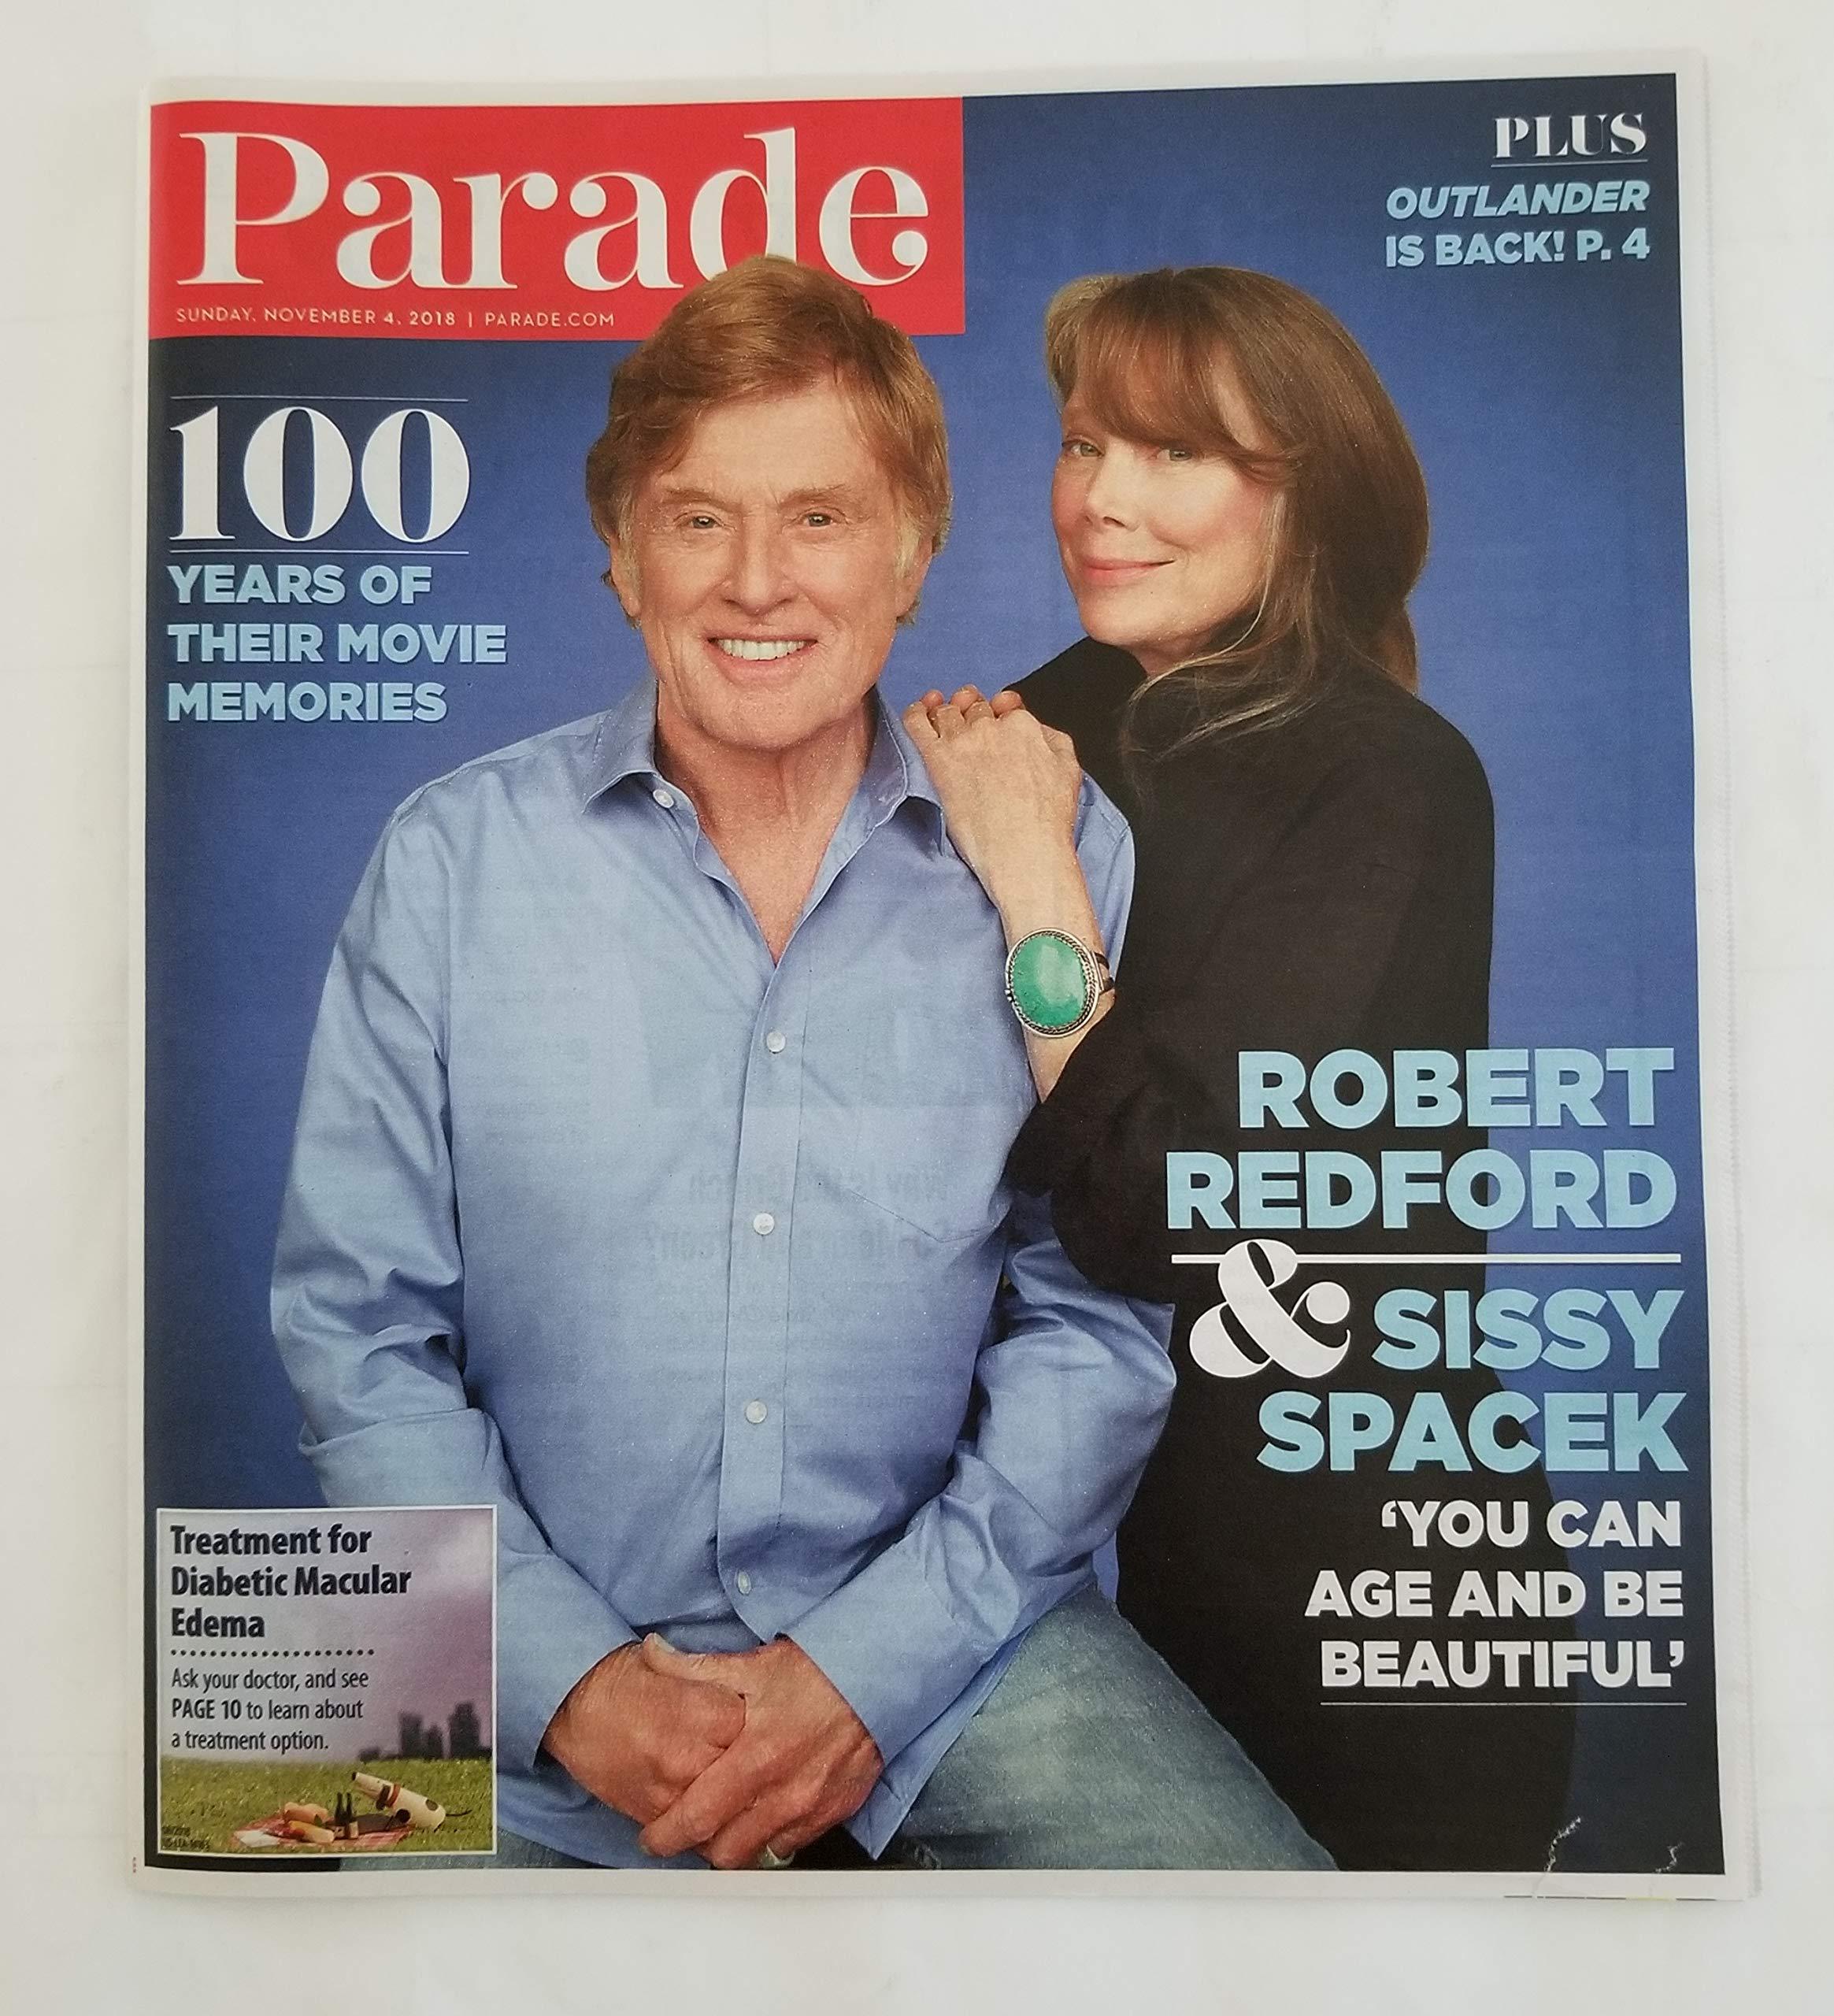 Parade Magazine - November 4, 2018 - Robert Redford & Sissy